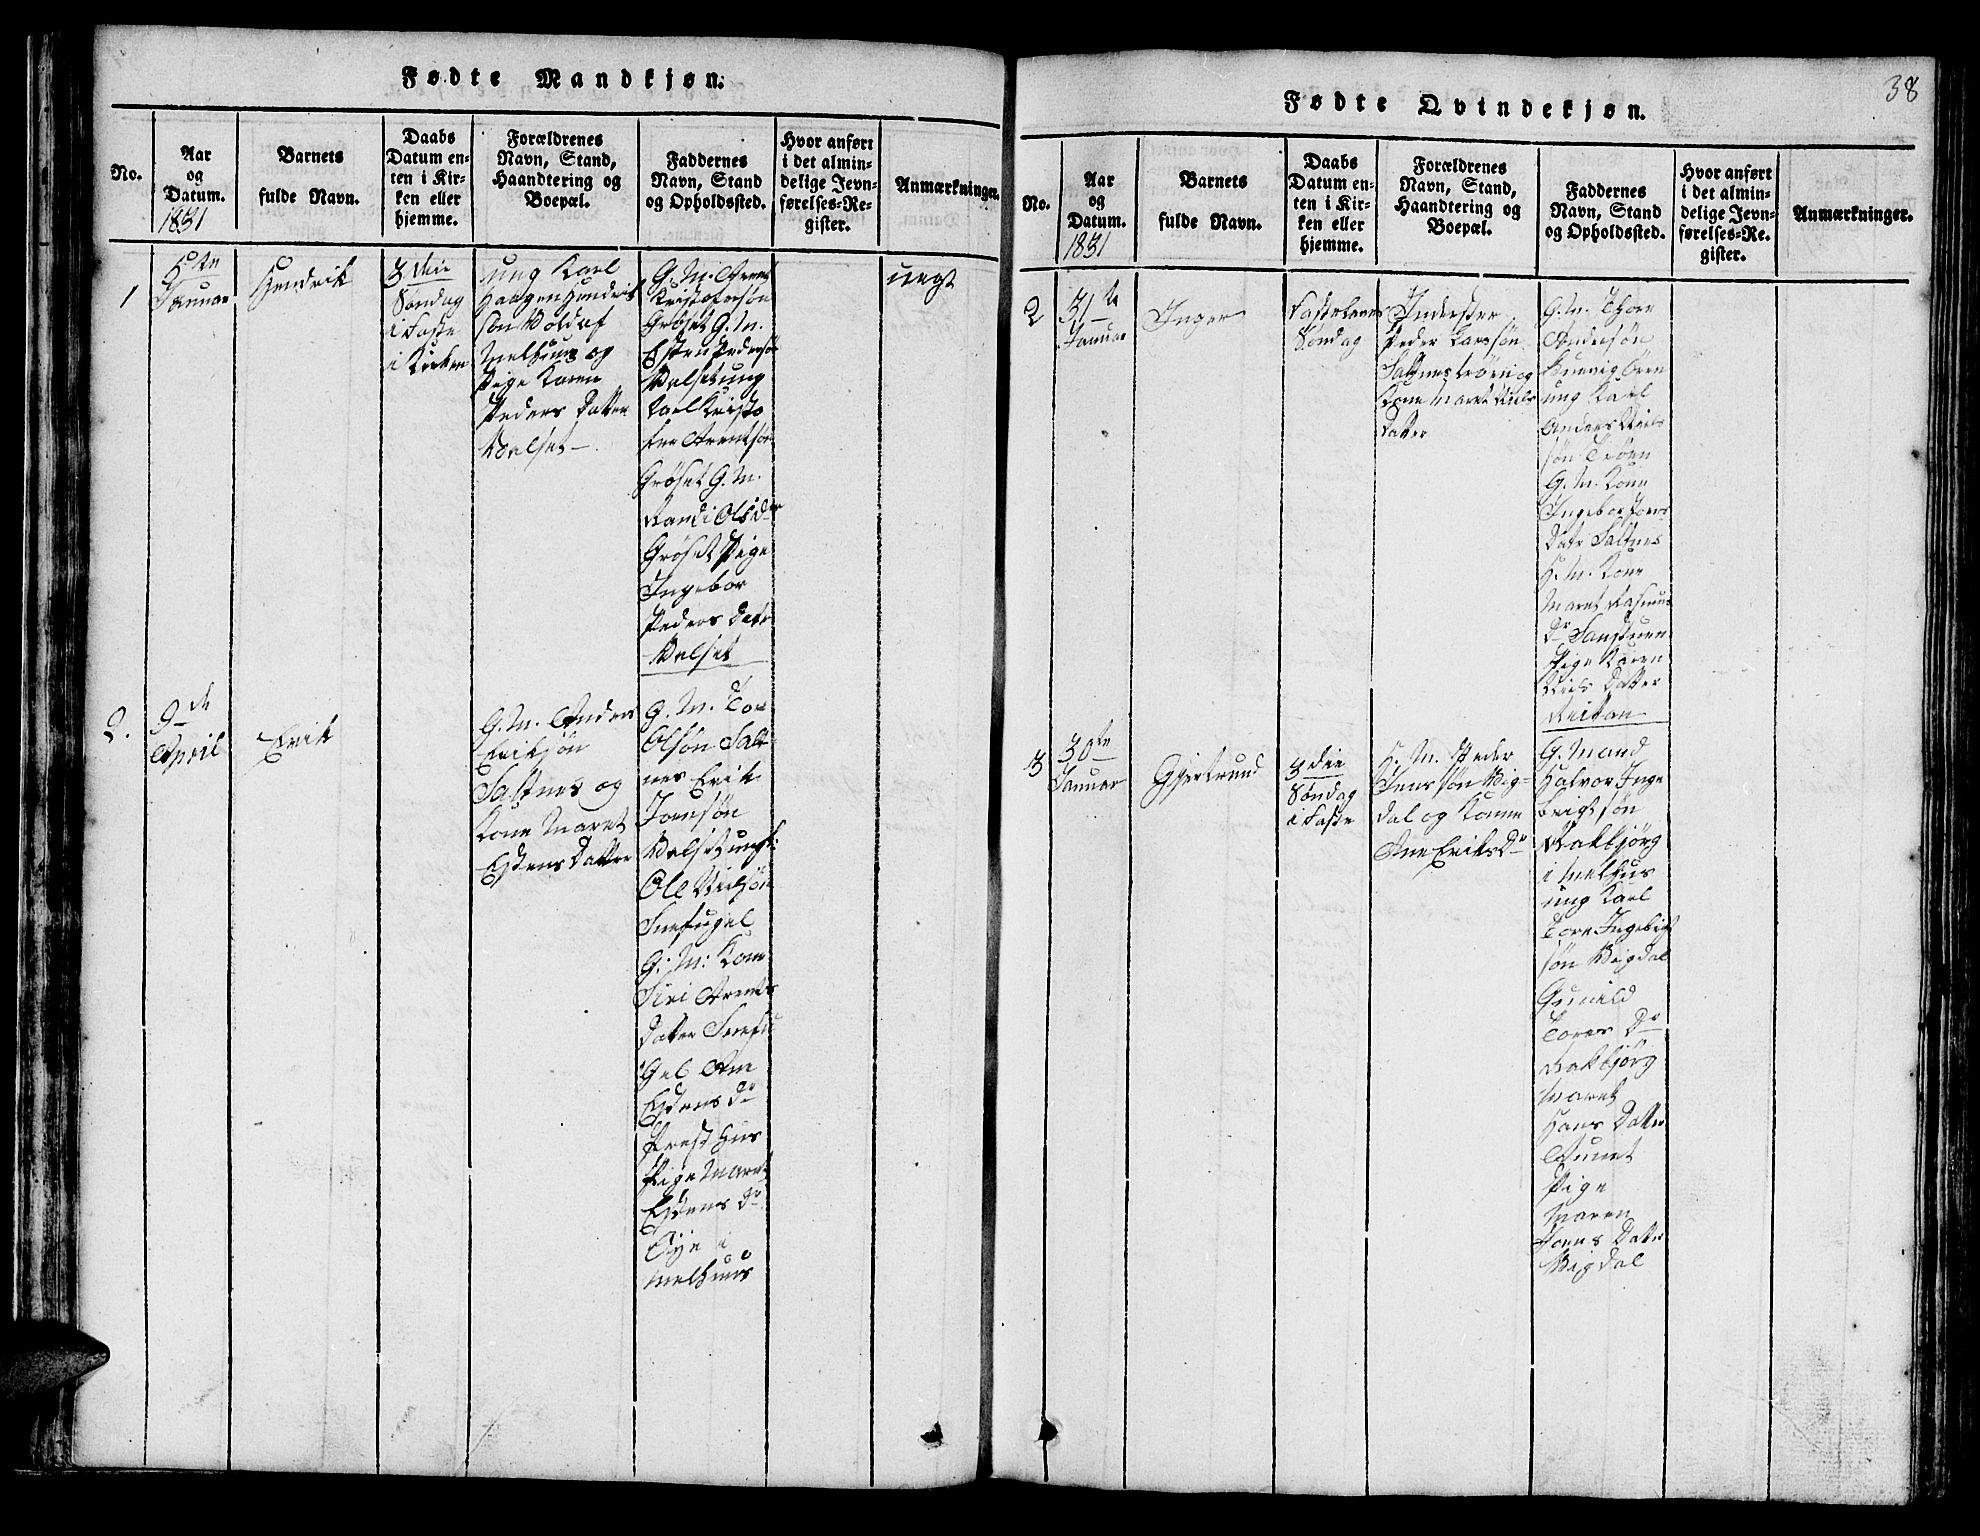 SAT, Ministerialprotokoller, klokkerbøker og fødselsregistre - Sør-Trøndelag, 666/L0788: Klokkerbok nr. 666C01, 1816-1847, s. 38